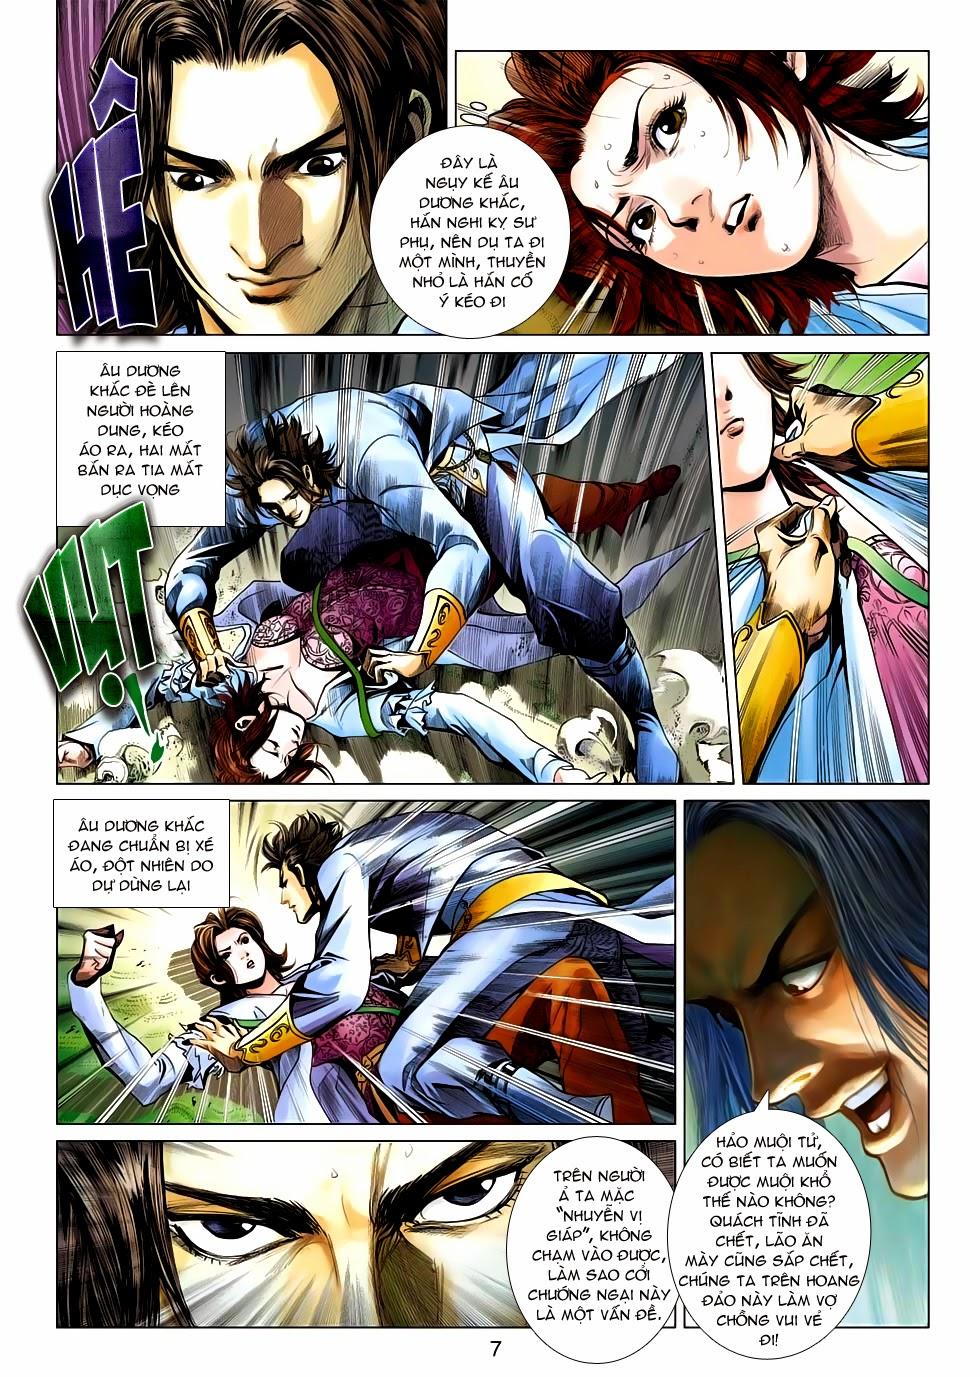 Anh Hùng Xạ Điêu anh hùng xạ đêu chap 54: kiếp hậu dư sinh thiến nữ kỳ mưu trang 7